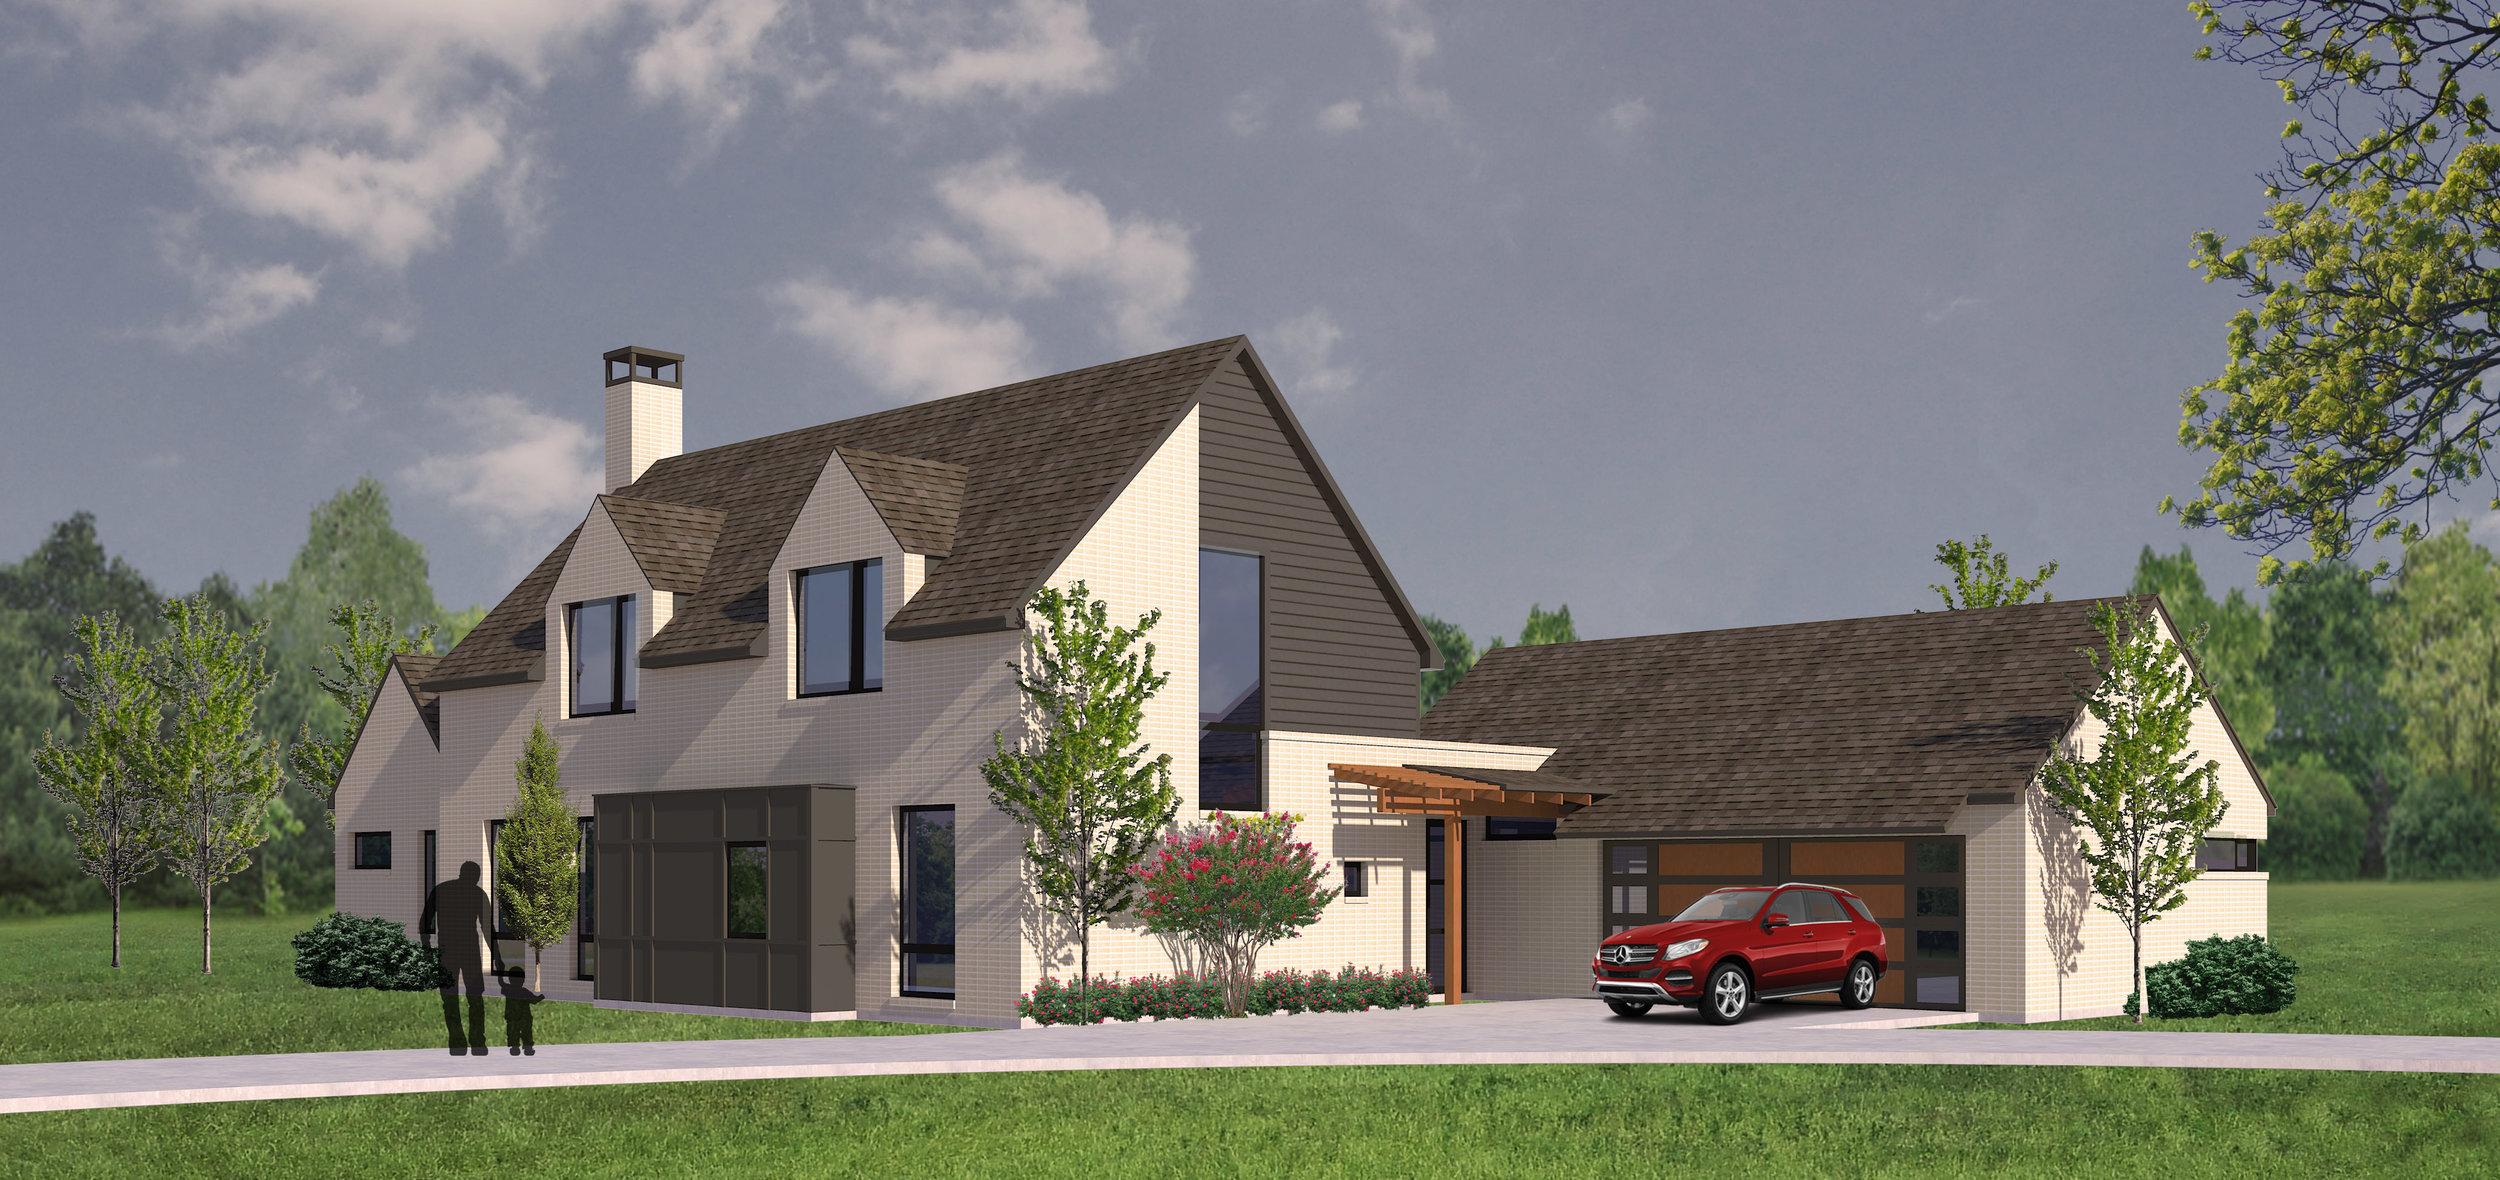 3707 Primrose court / 3 bedroom+flex / 3 bath / 2 car garage / 3004 conditioned sf